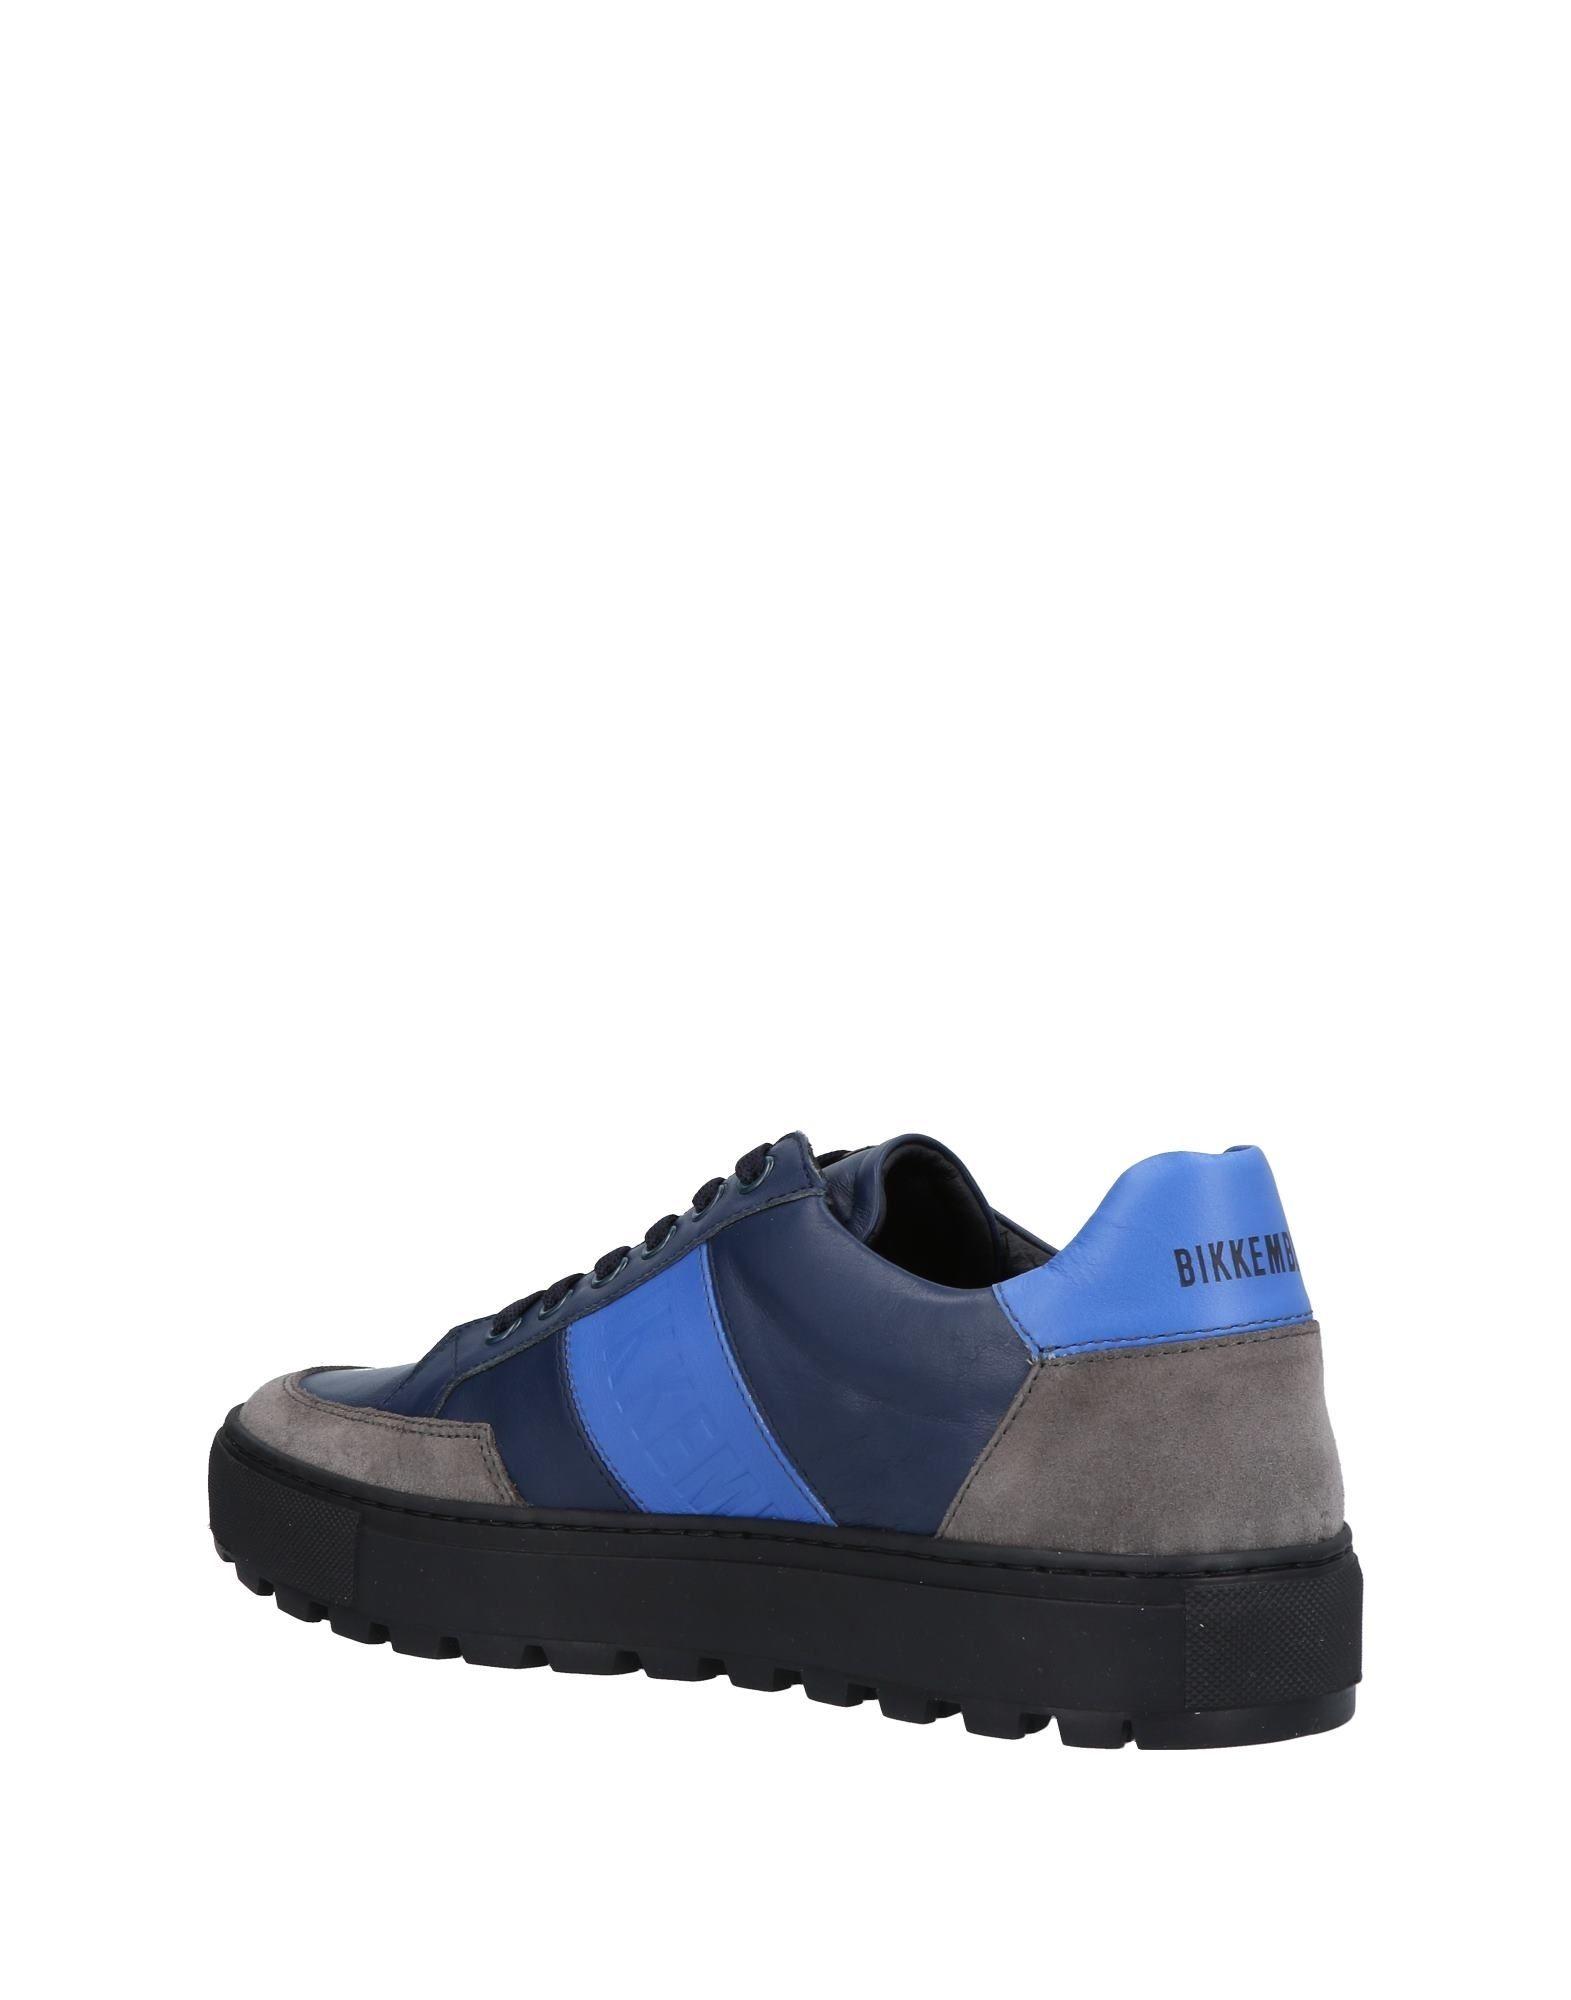 Bikkembergs Sneakers Herren Herren Herren  11451027RD Heiße Schuhe 96e8a3